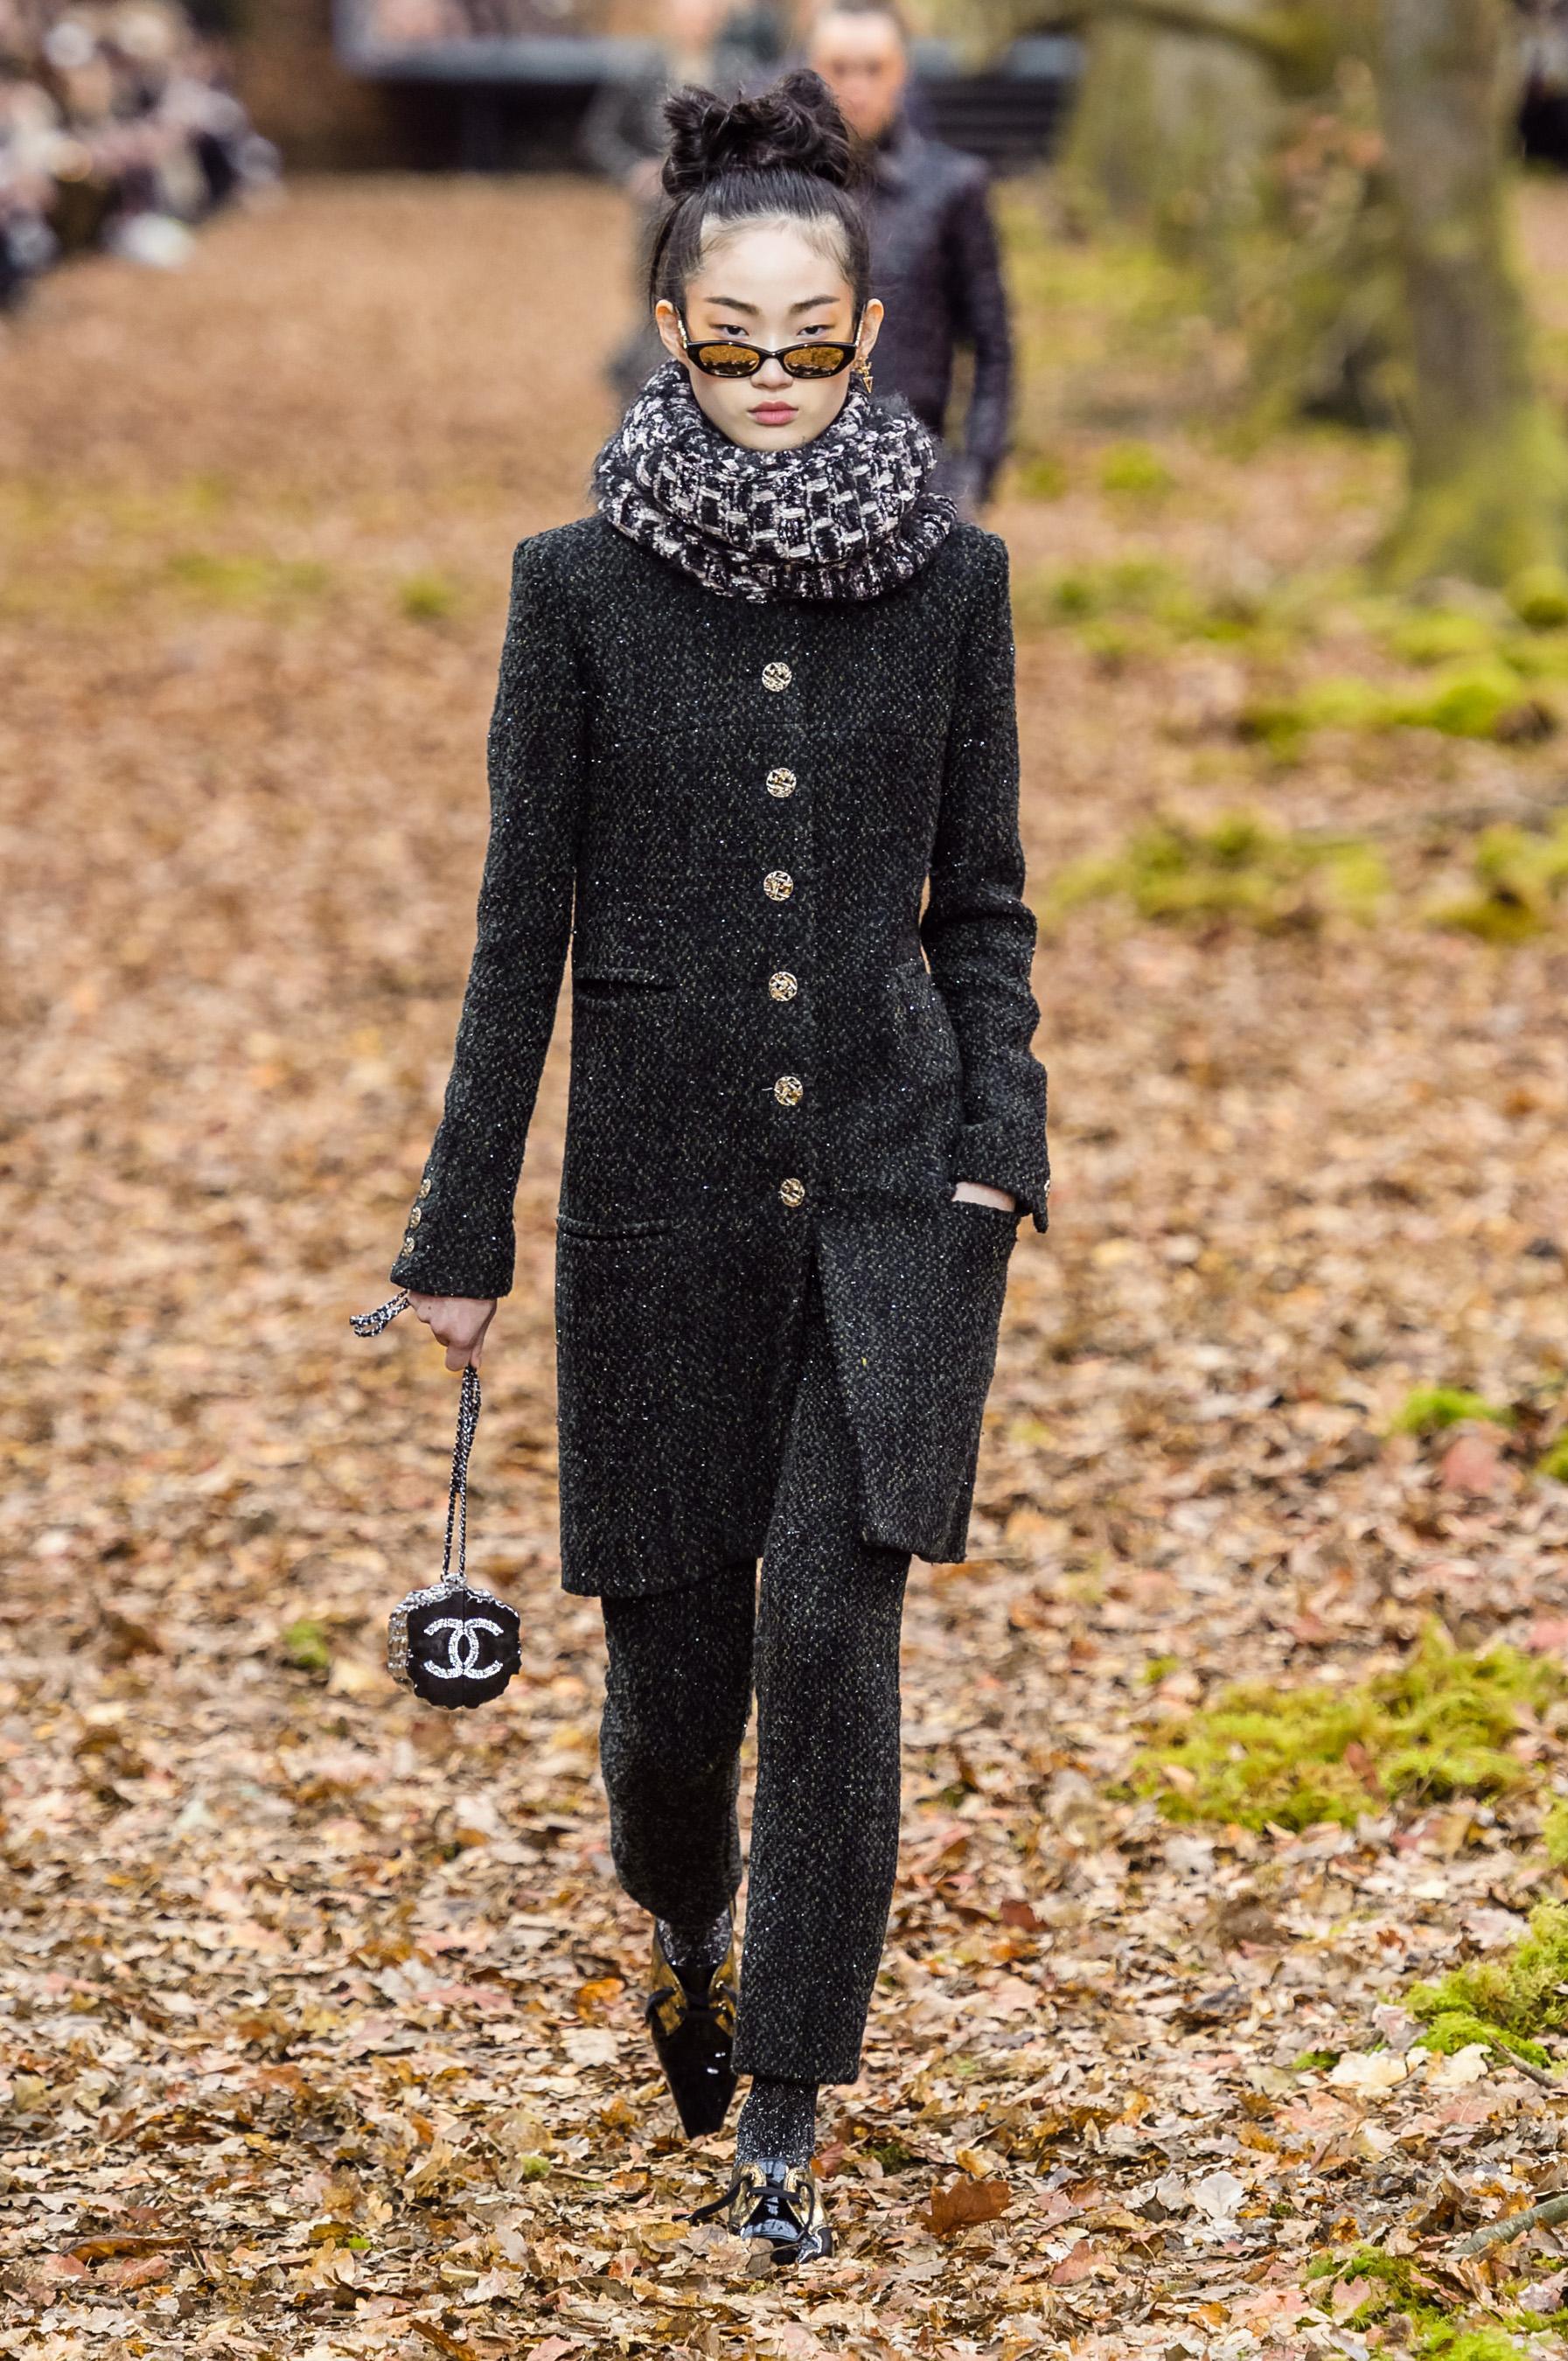 Défilé Chanel automne-hiver 2018-2019 Prêt-à-porter - Madame Figaro a1a5deafb0a